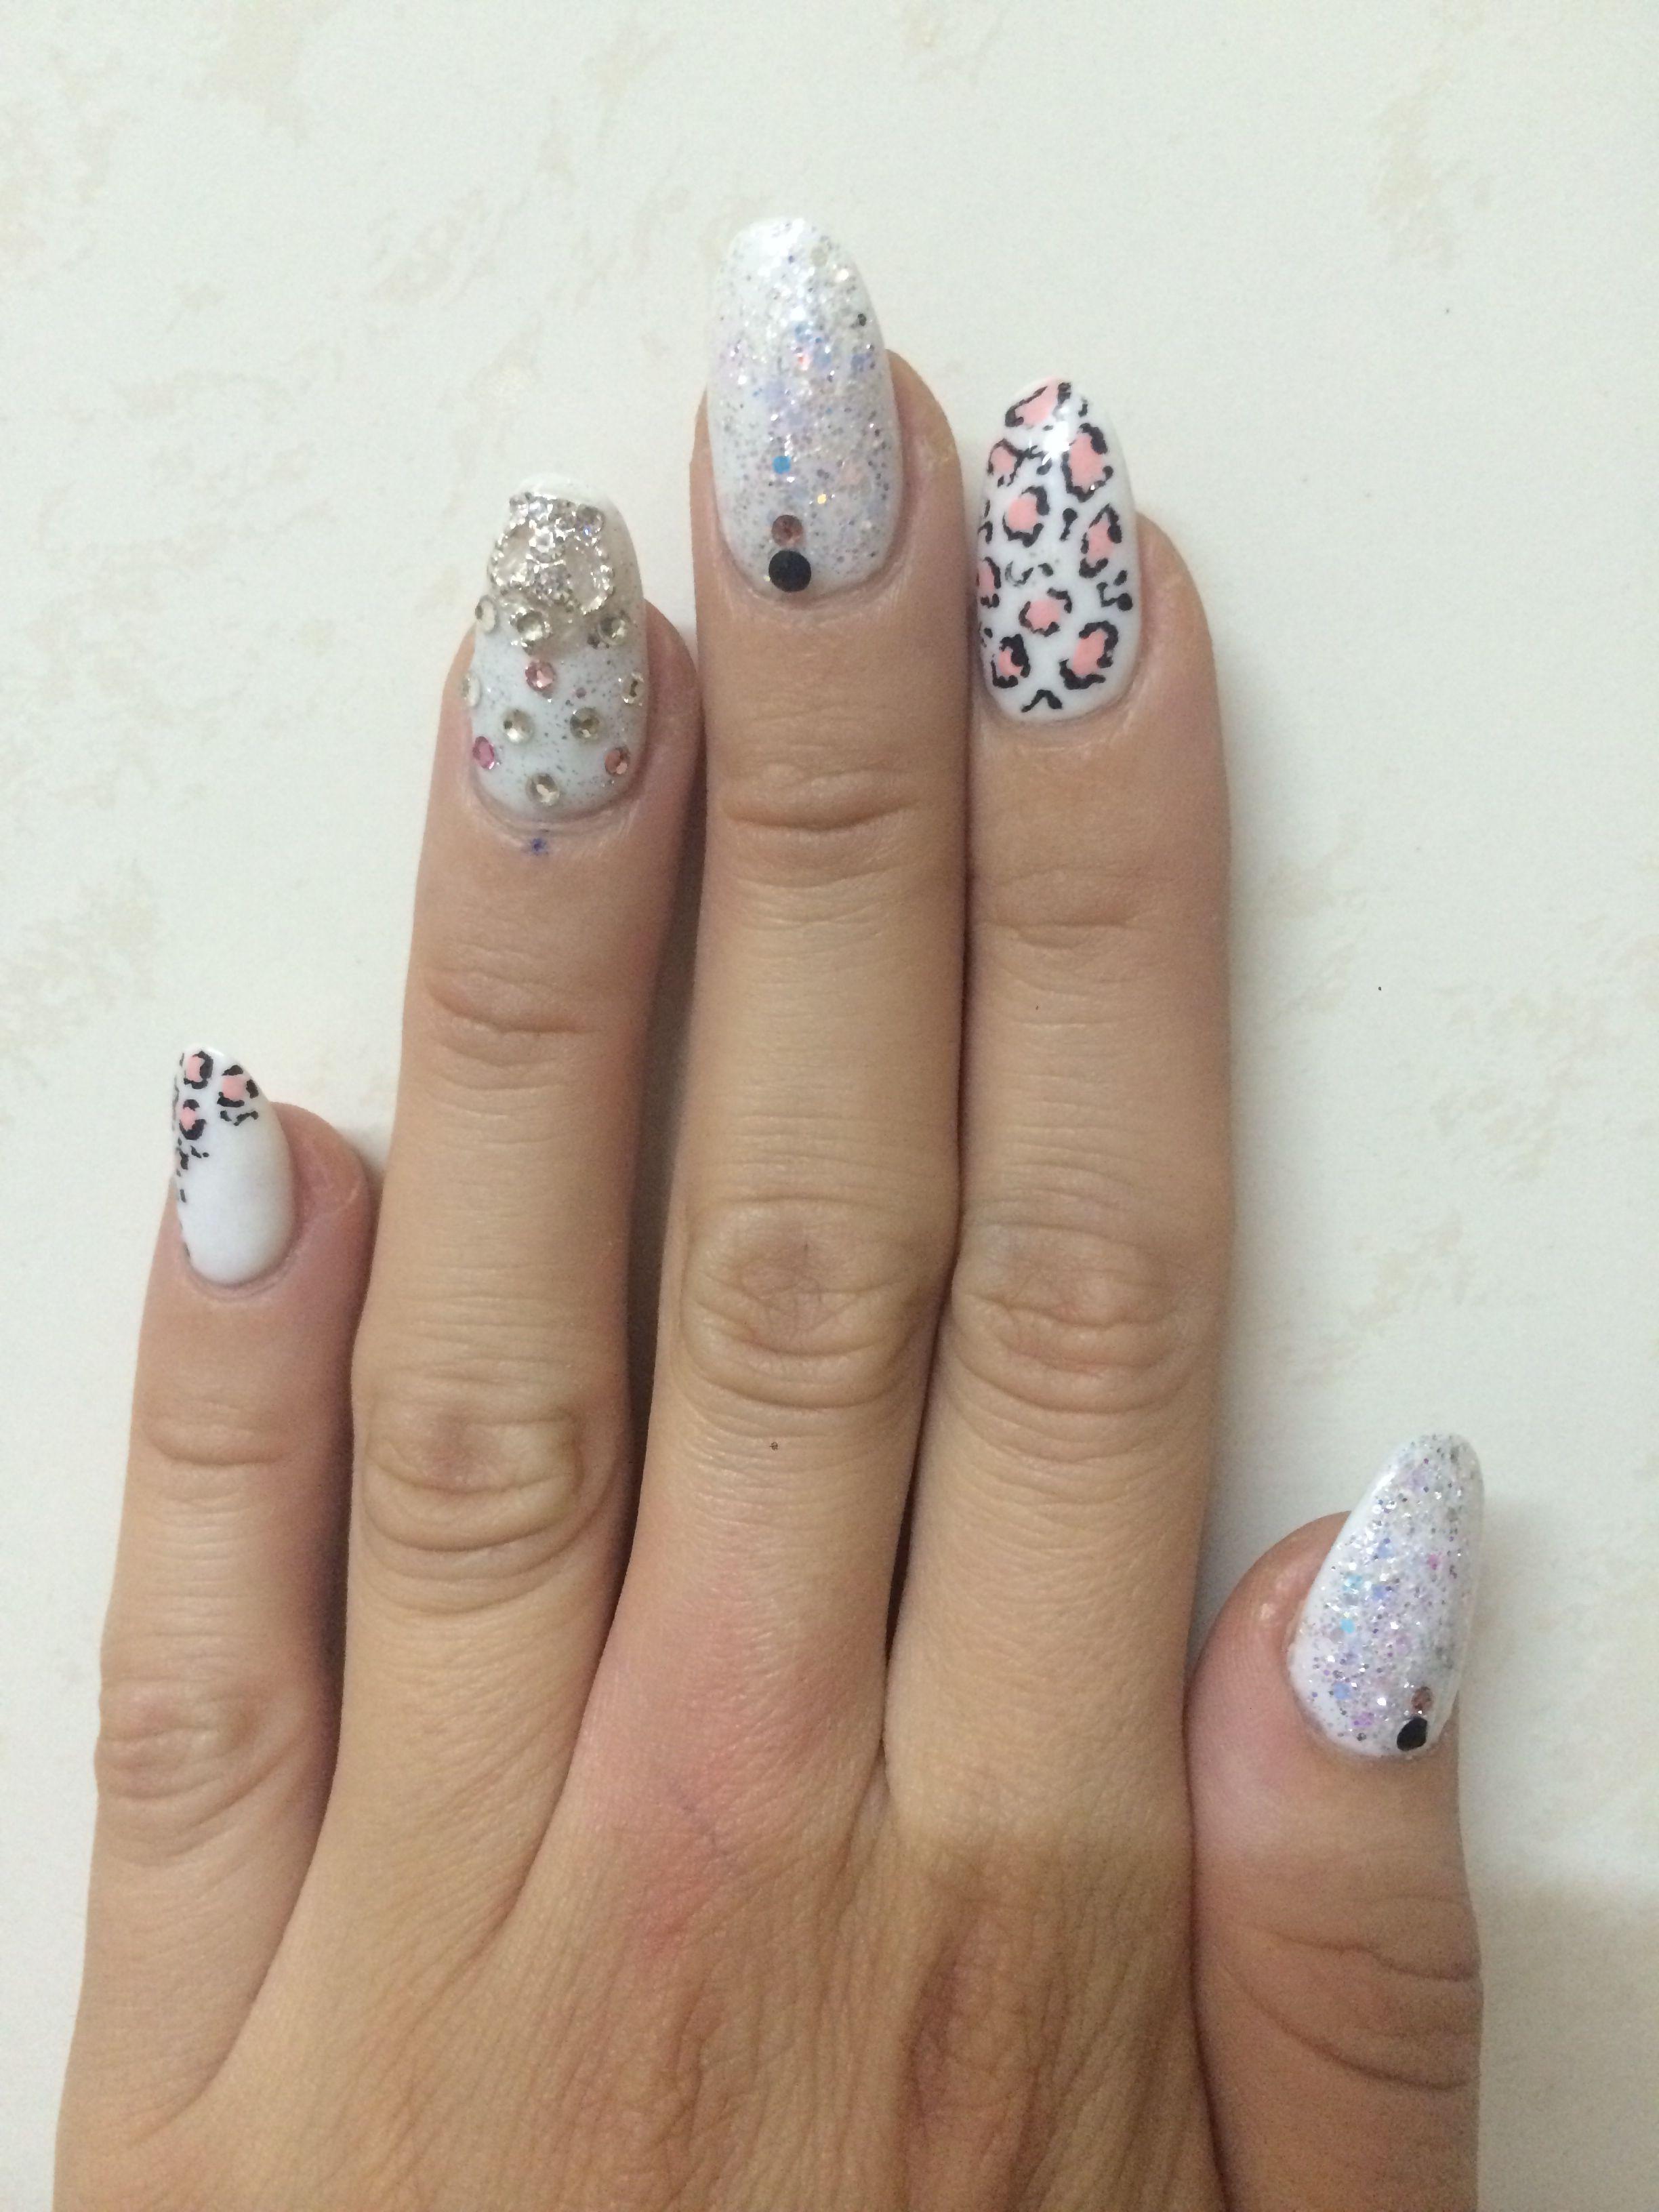 Acrylic nail design, oval nails , white nail polish | Nail design ...